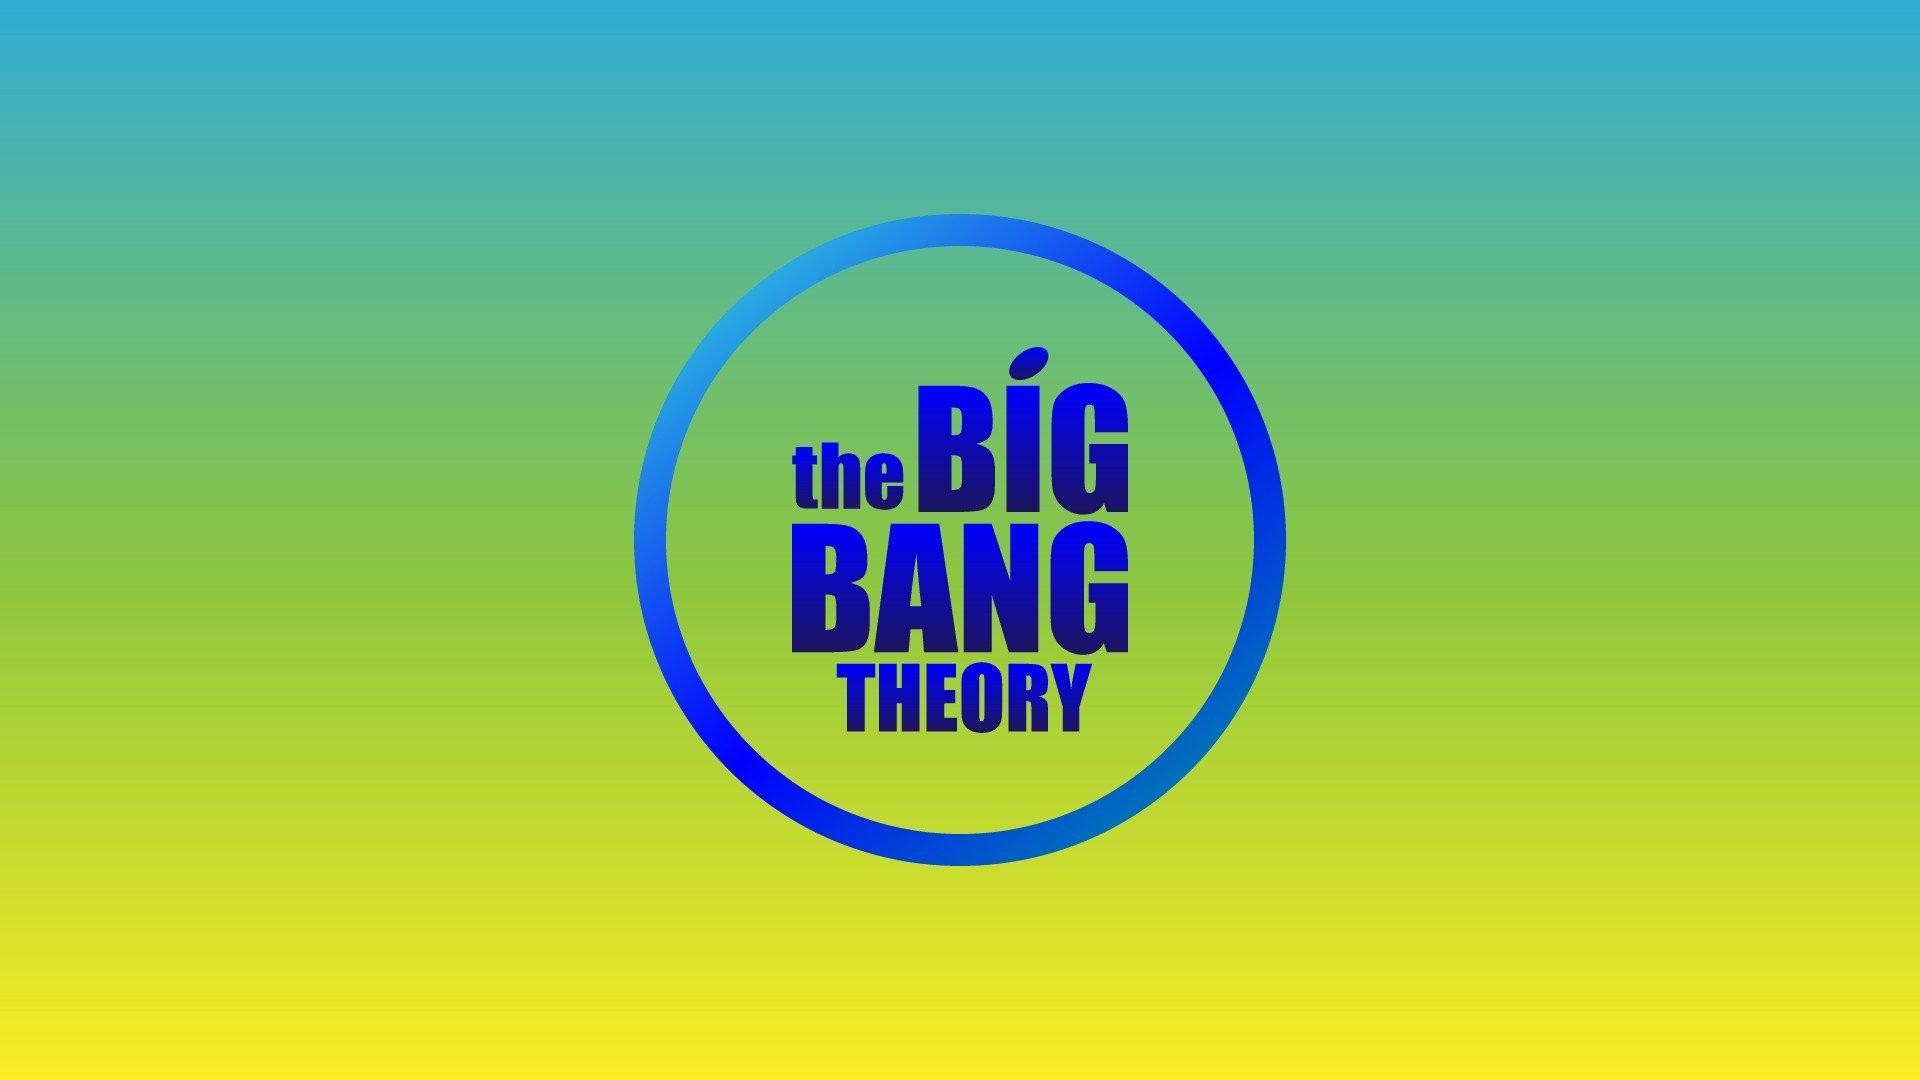 Wallpaper 1920x1080 Px The Big Bang Theory Tv 1920x1080